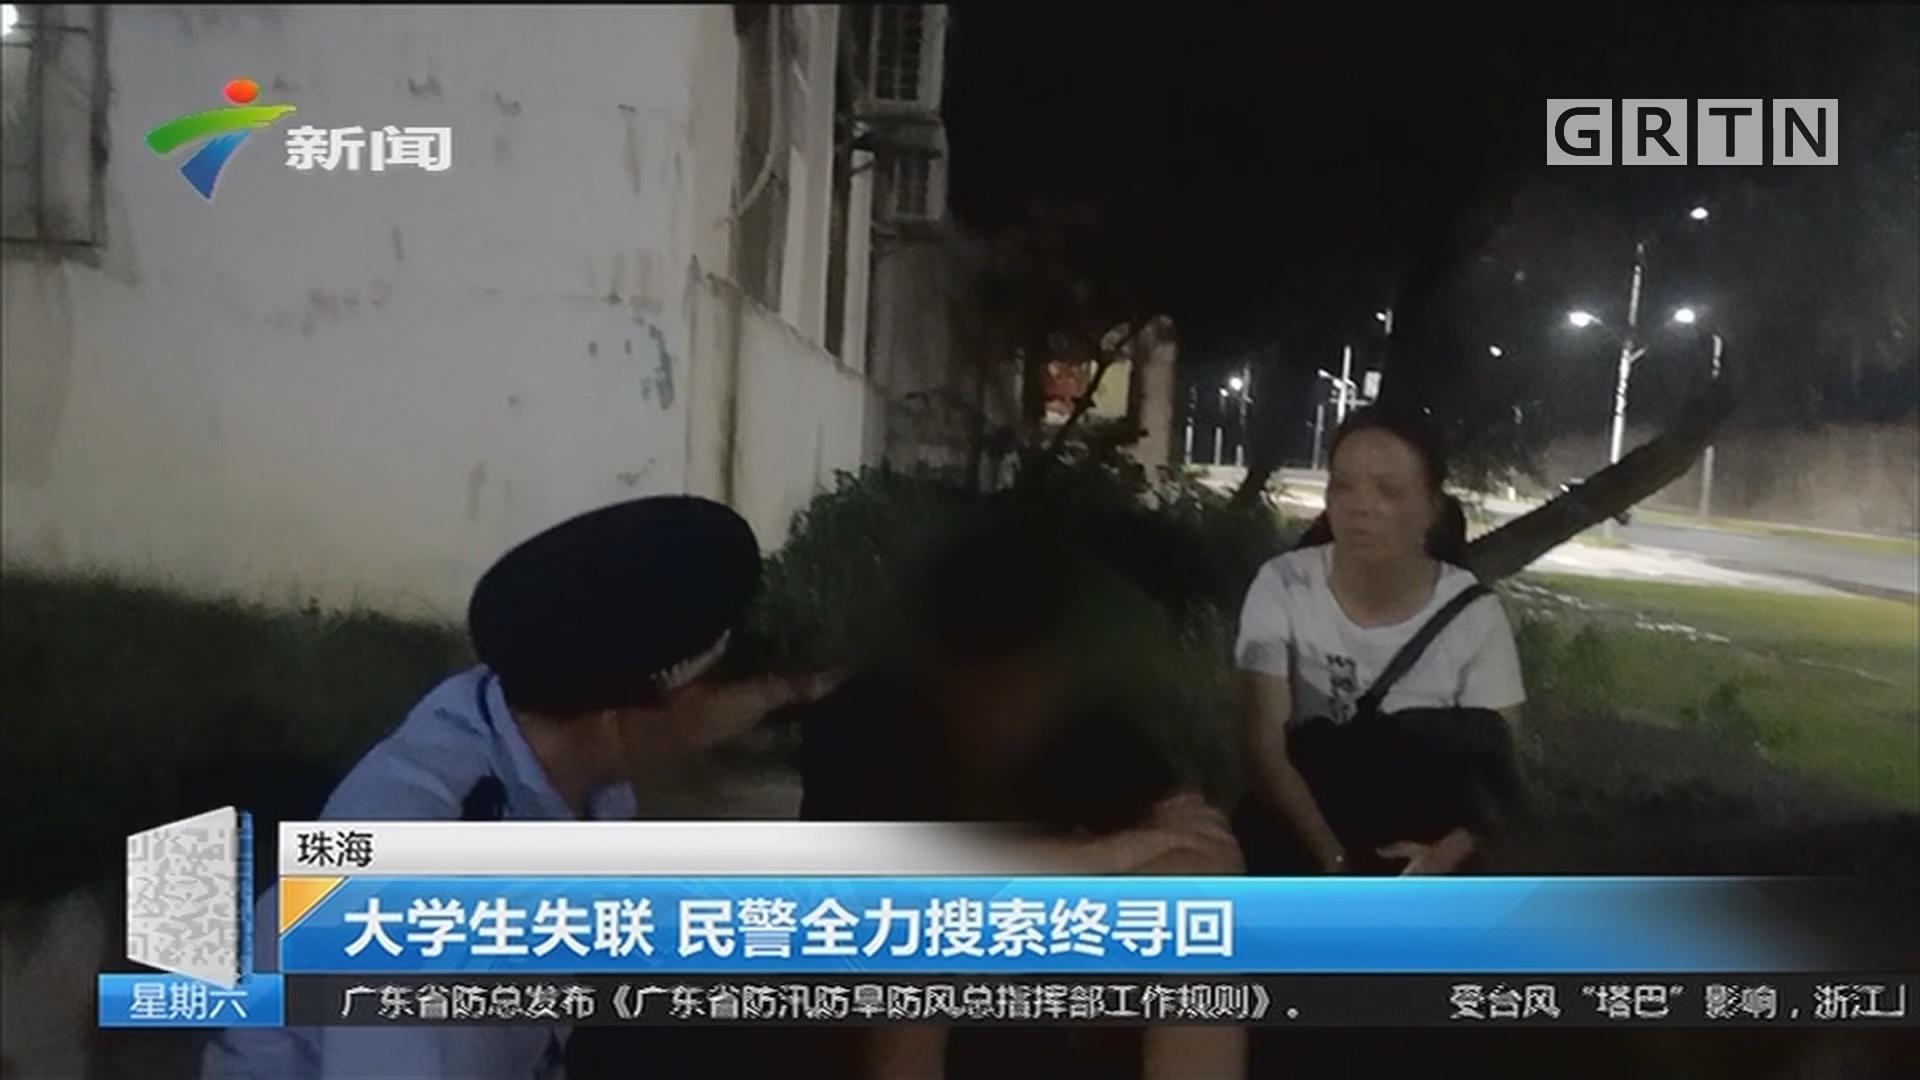 珠海:大学生失联 民警全力搜索终寻回